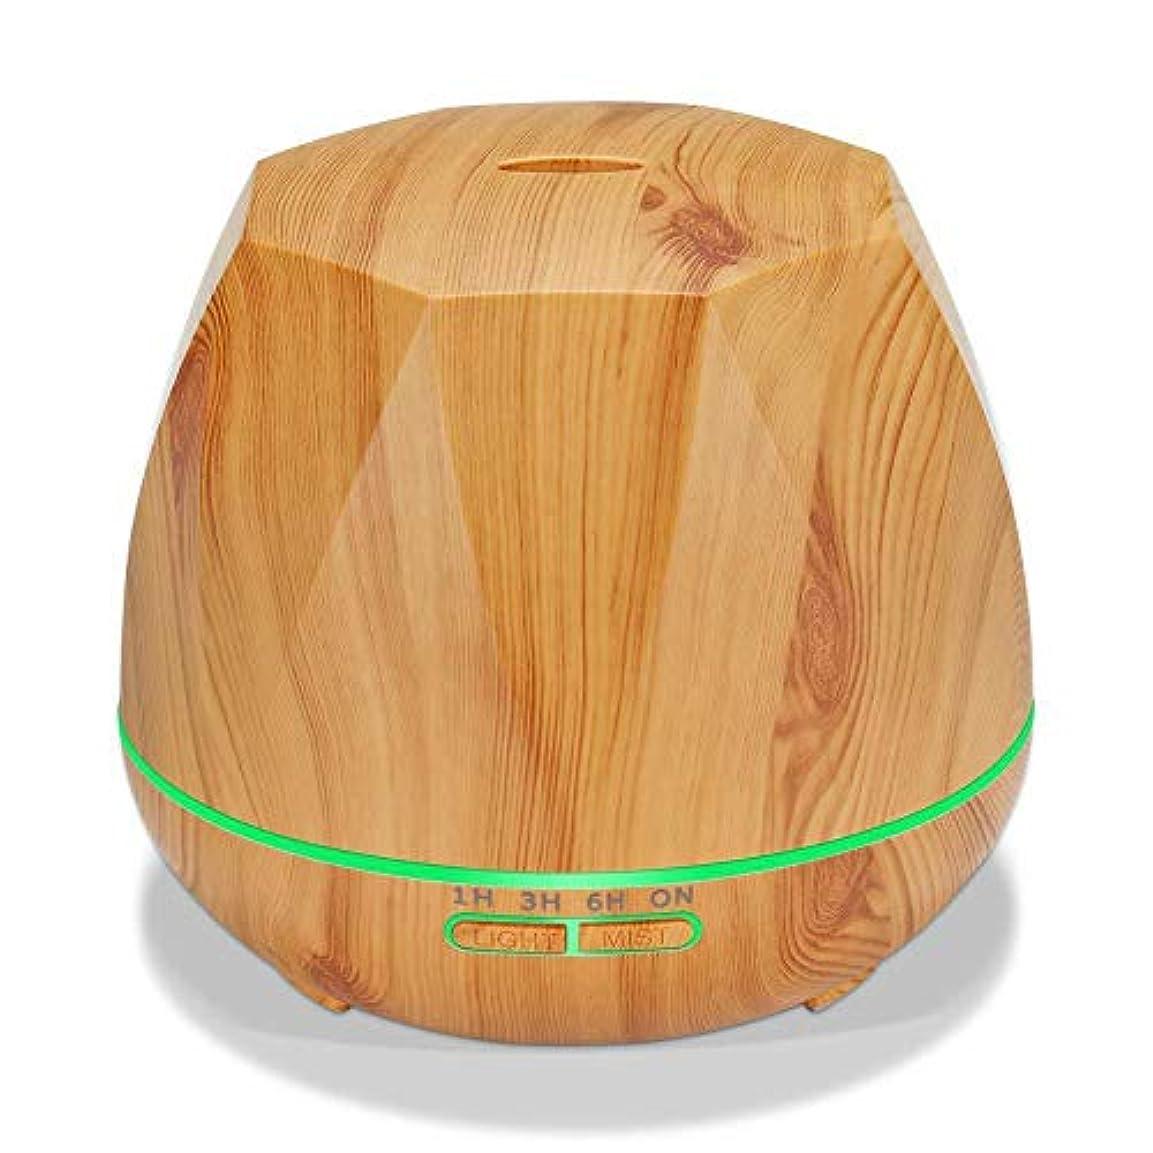 他に不平を言う群集木目 涼しい霧 加湿器,7 色 空気を浄化 加湿機 時間 デスクトップ 精油 ディフューザー アロマネブライザー Yoga ベッド 寮- 300ml